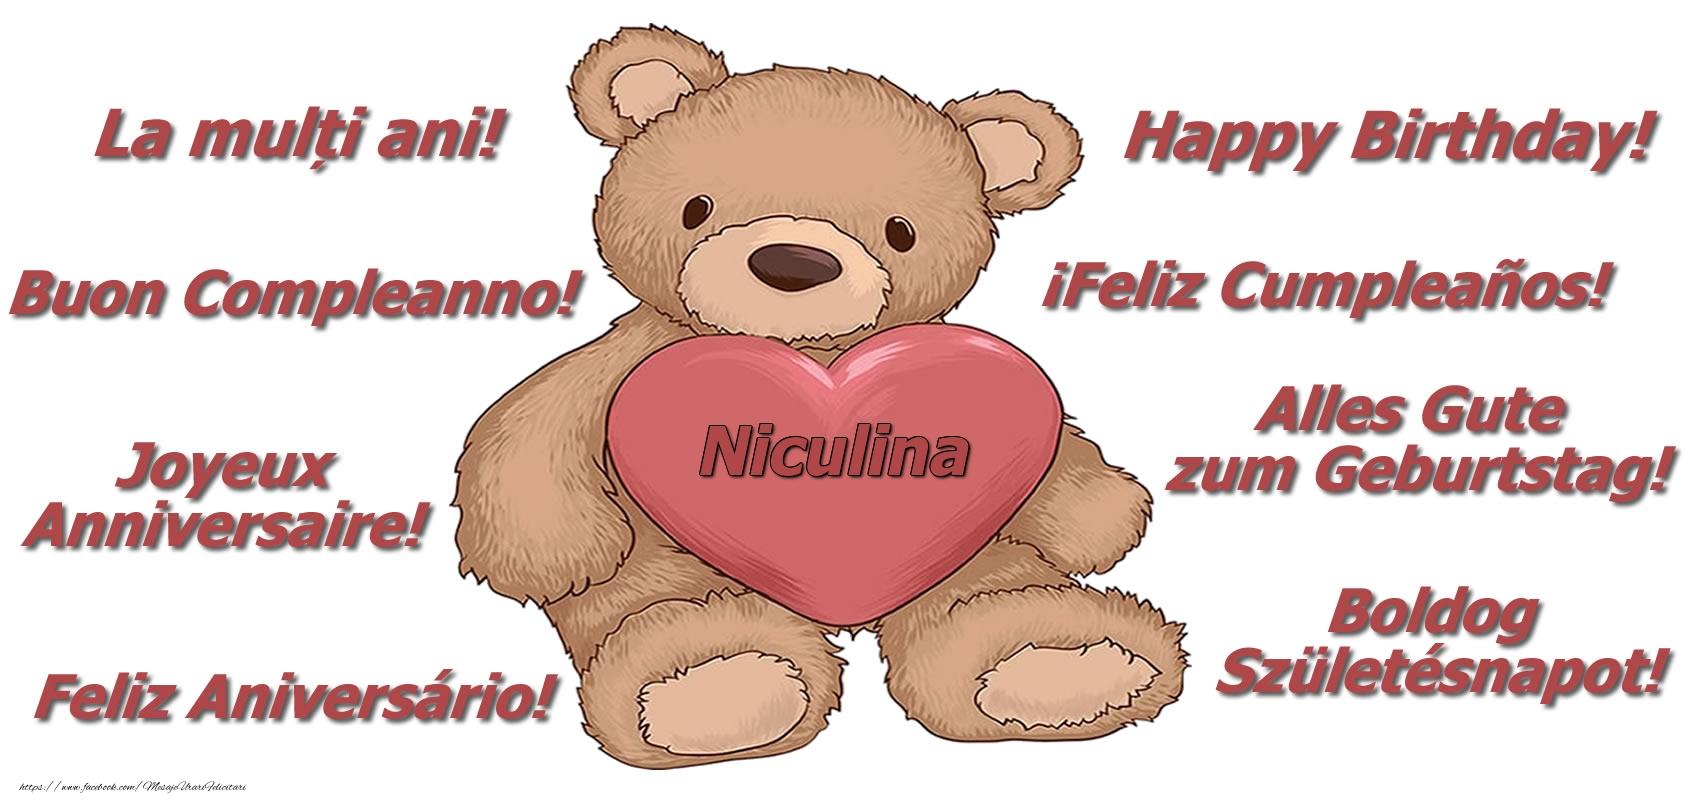 Felicitari de zi de nastere - La multi ani Niculina! - Ursulet